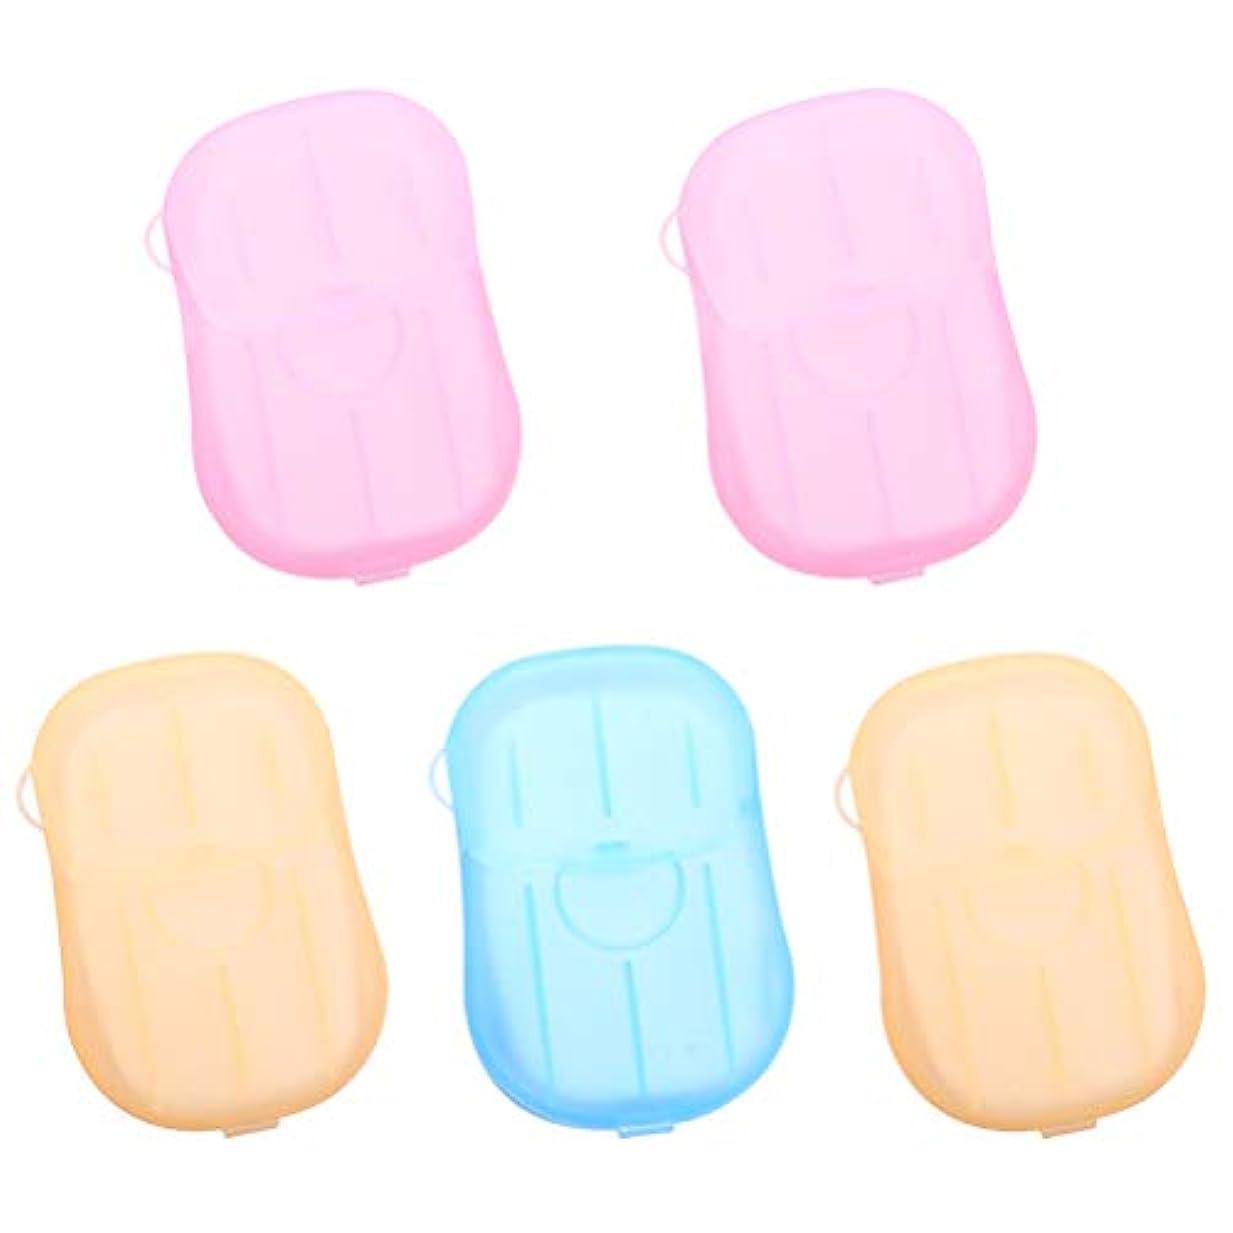 のスコア落胆させる恐ろしいですHealifty 5pcs乾燥石鹸は、発泡ボックスの紙の石鹸のフレークを洗うハンドバス石鹸のスライドシート